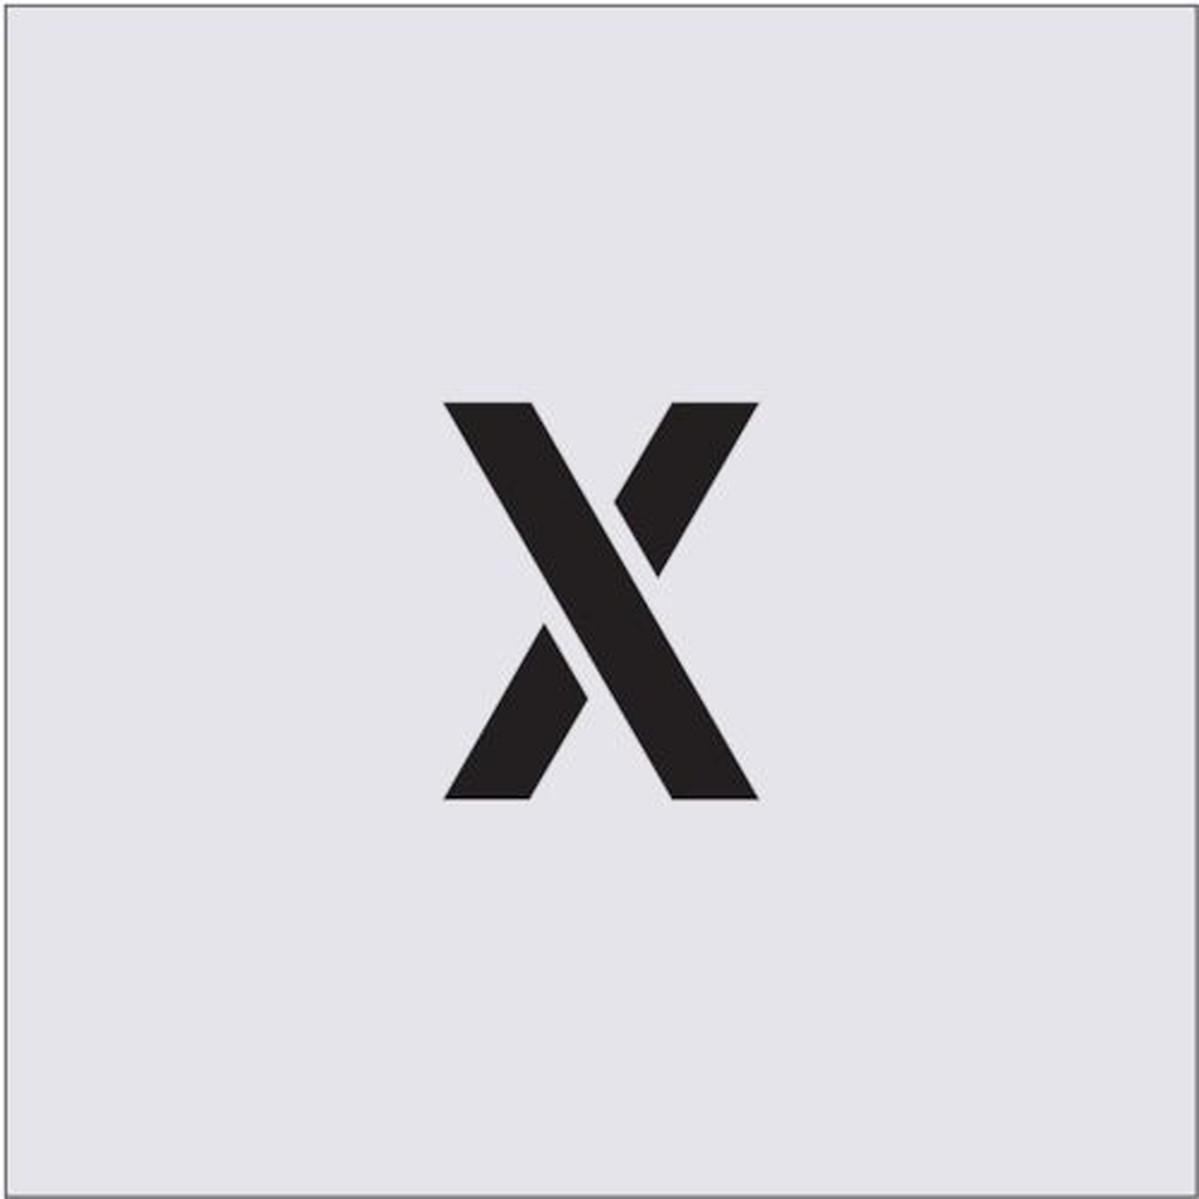 あす楽対応 専門店 正規取扱店 DIY用品 IM ステンシル 文字サイズ50×40mm 1枚 X